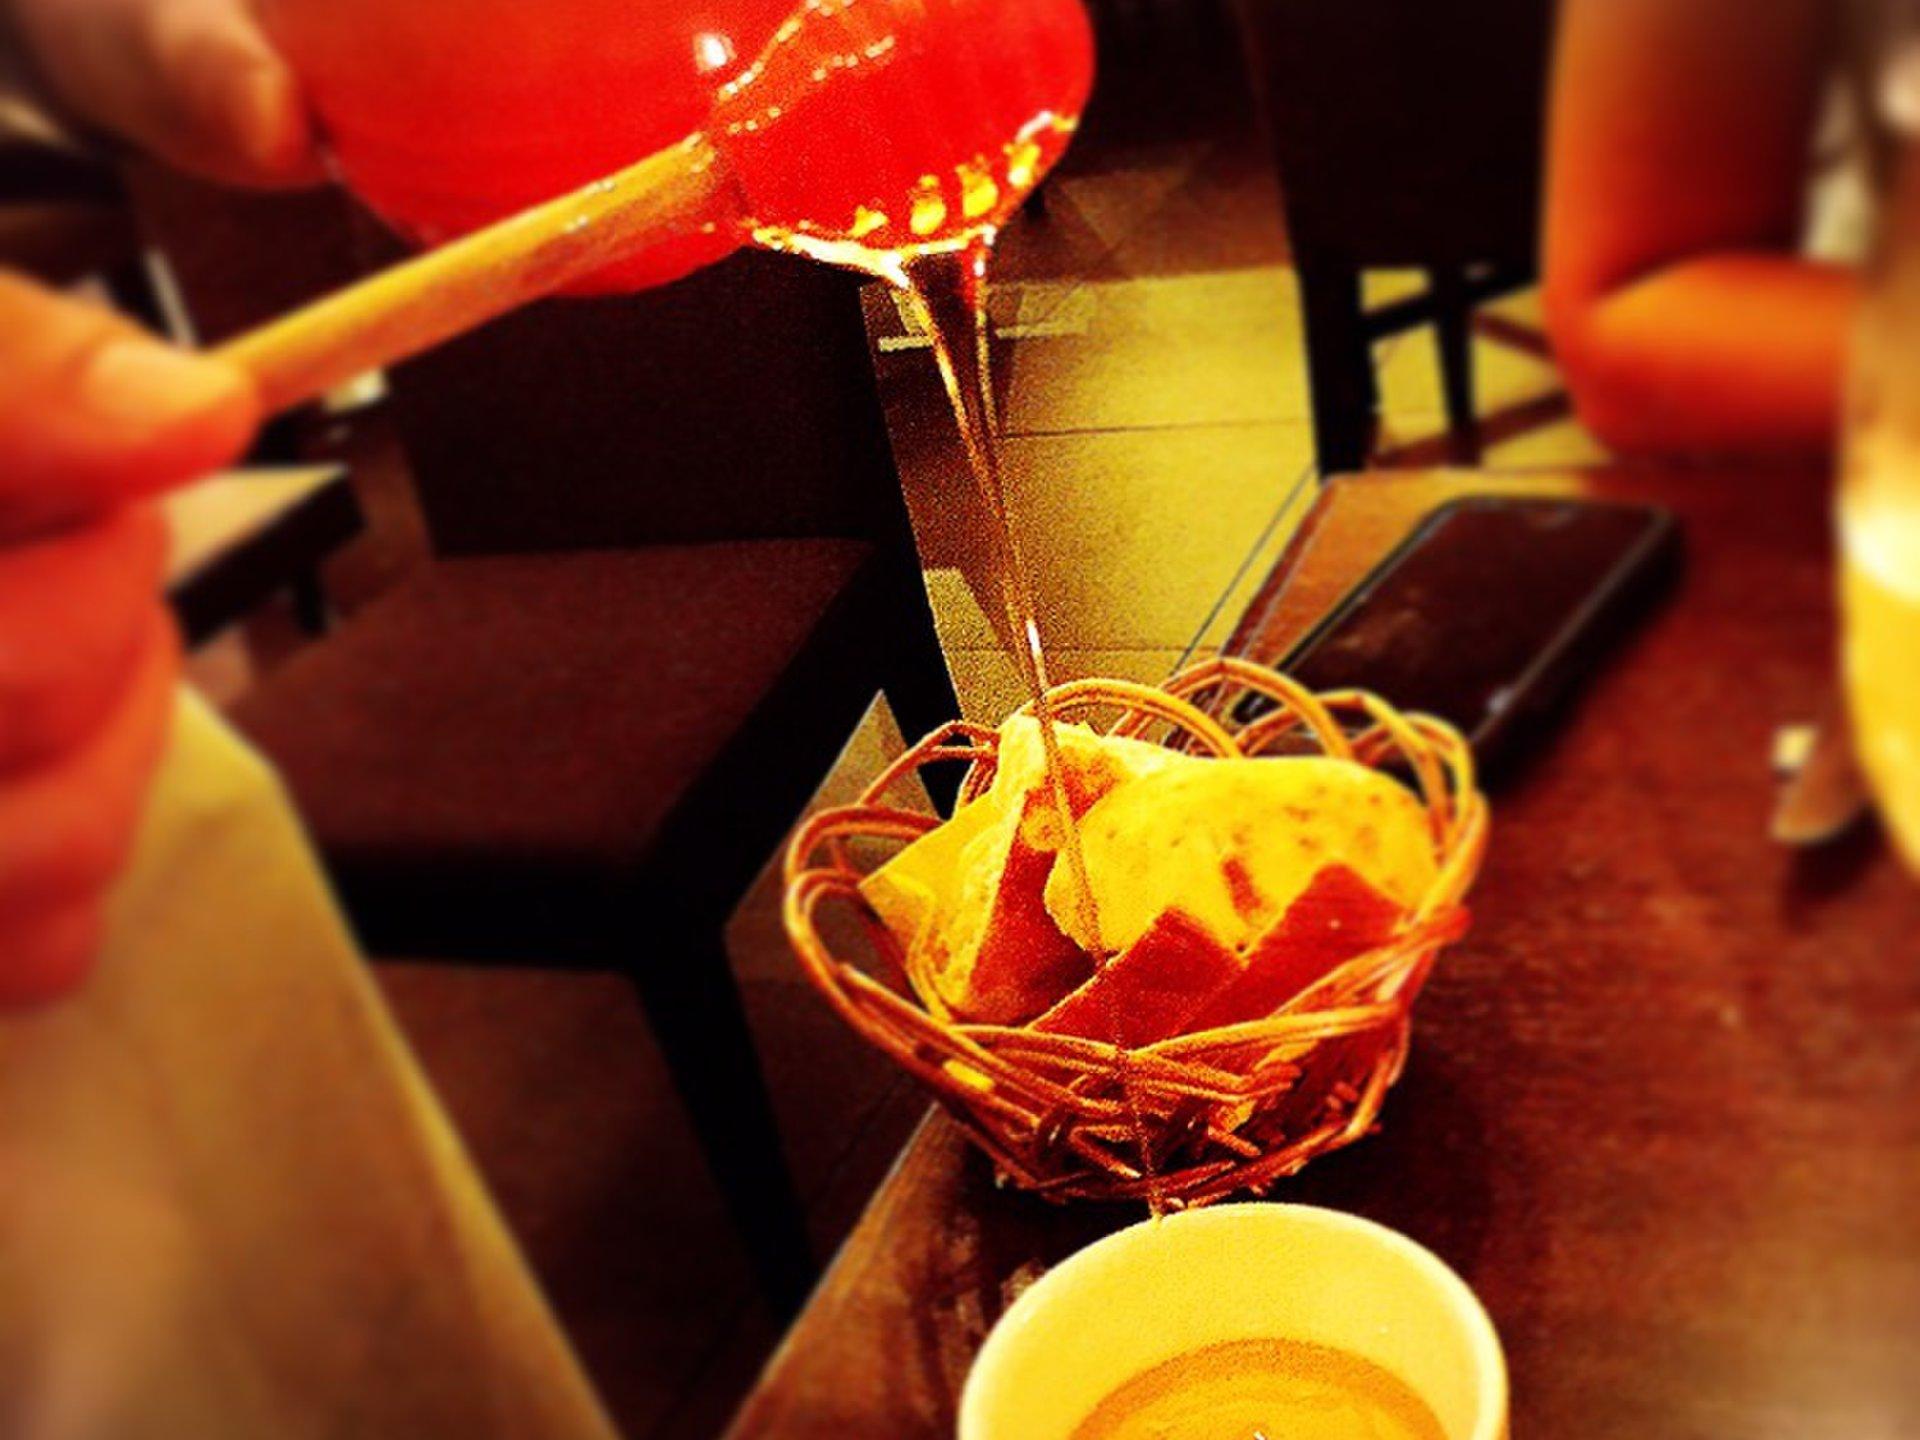 もはや天国♡【蜂蜜に溺れるレストラン】渋谷BEEHOUSEが幸せの極みすぎて行かなきゃダメ!